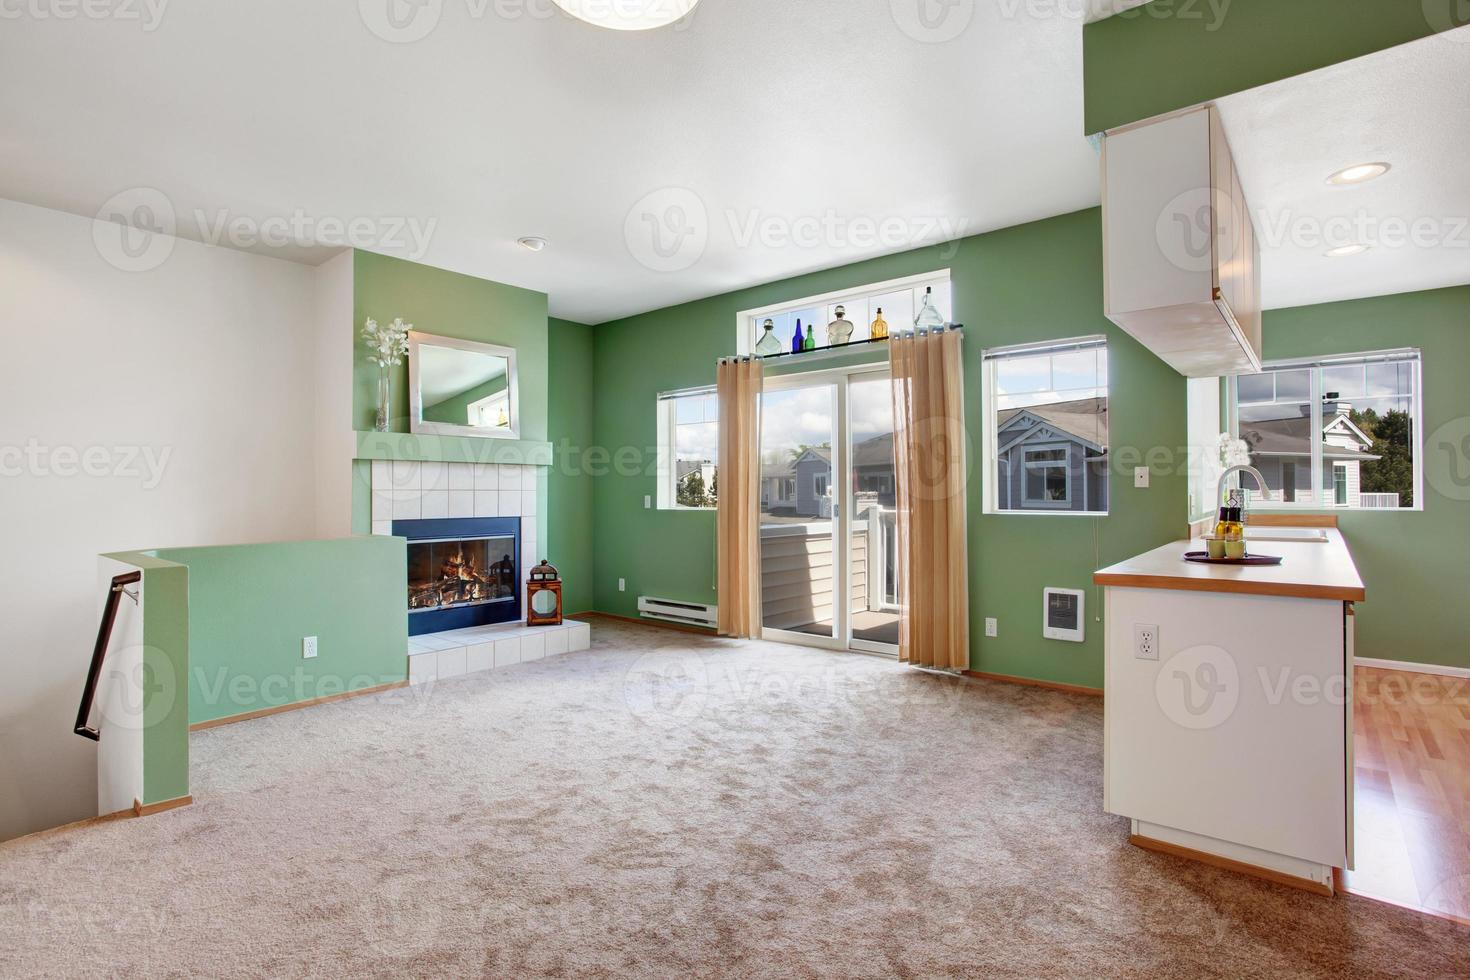 Haus Interieur. leeres Wohnzimmer mit Kamin foto